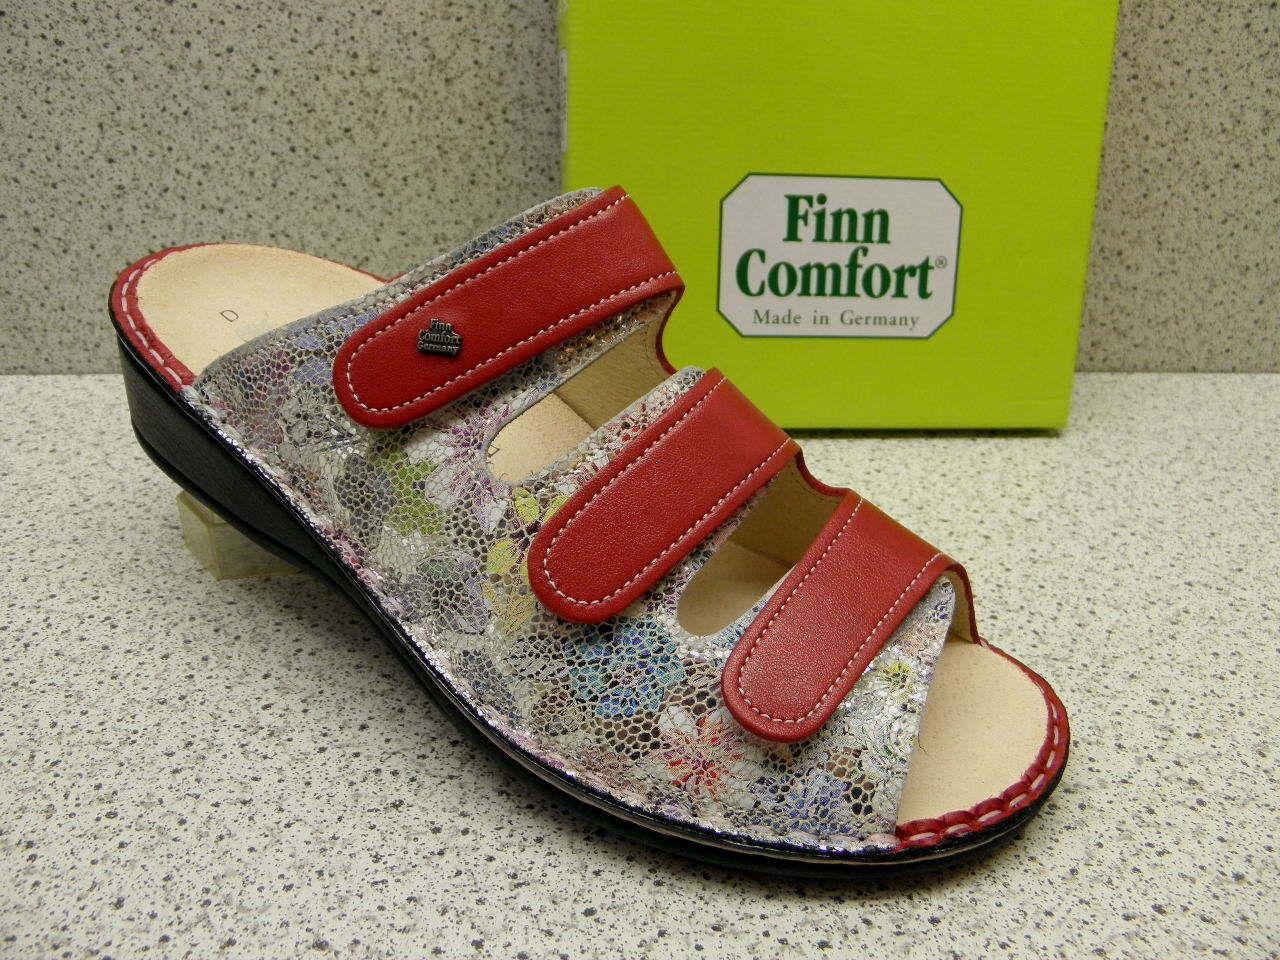 Finn Comfort ® rojouce, hasta ahora    pisa gratis premium-calcetines (fc15)  despacho de tienda